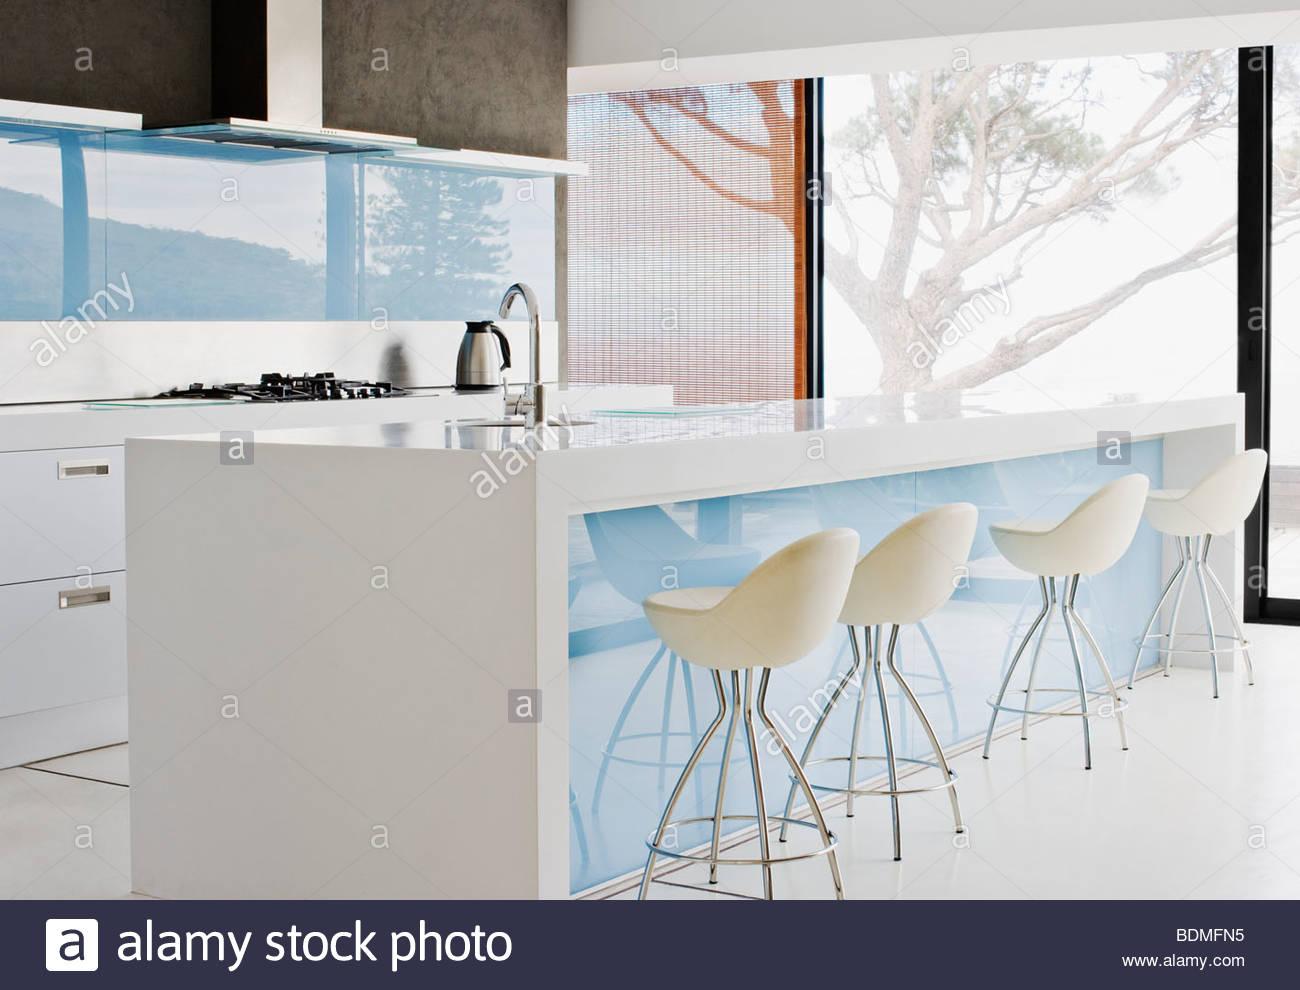 Isola di contatore e sgabelli in cucina moderna foto & immagine